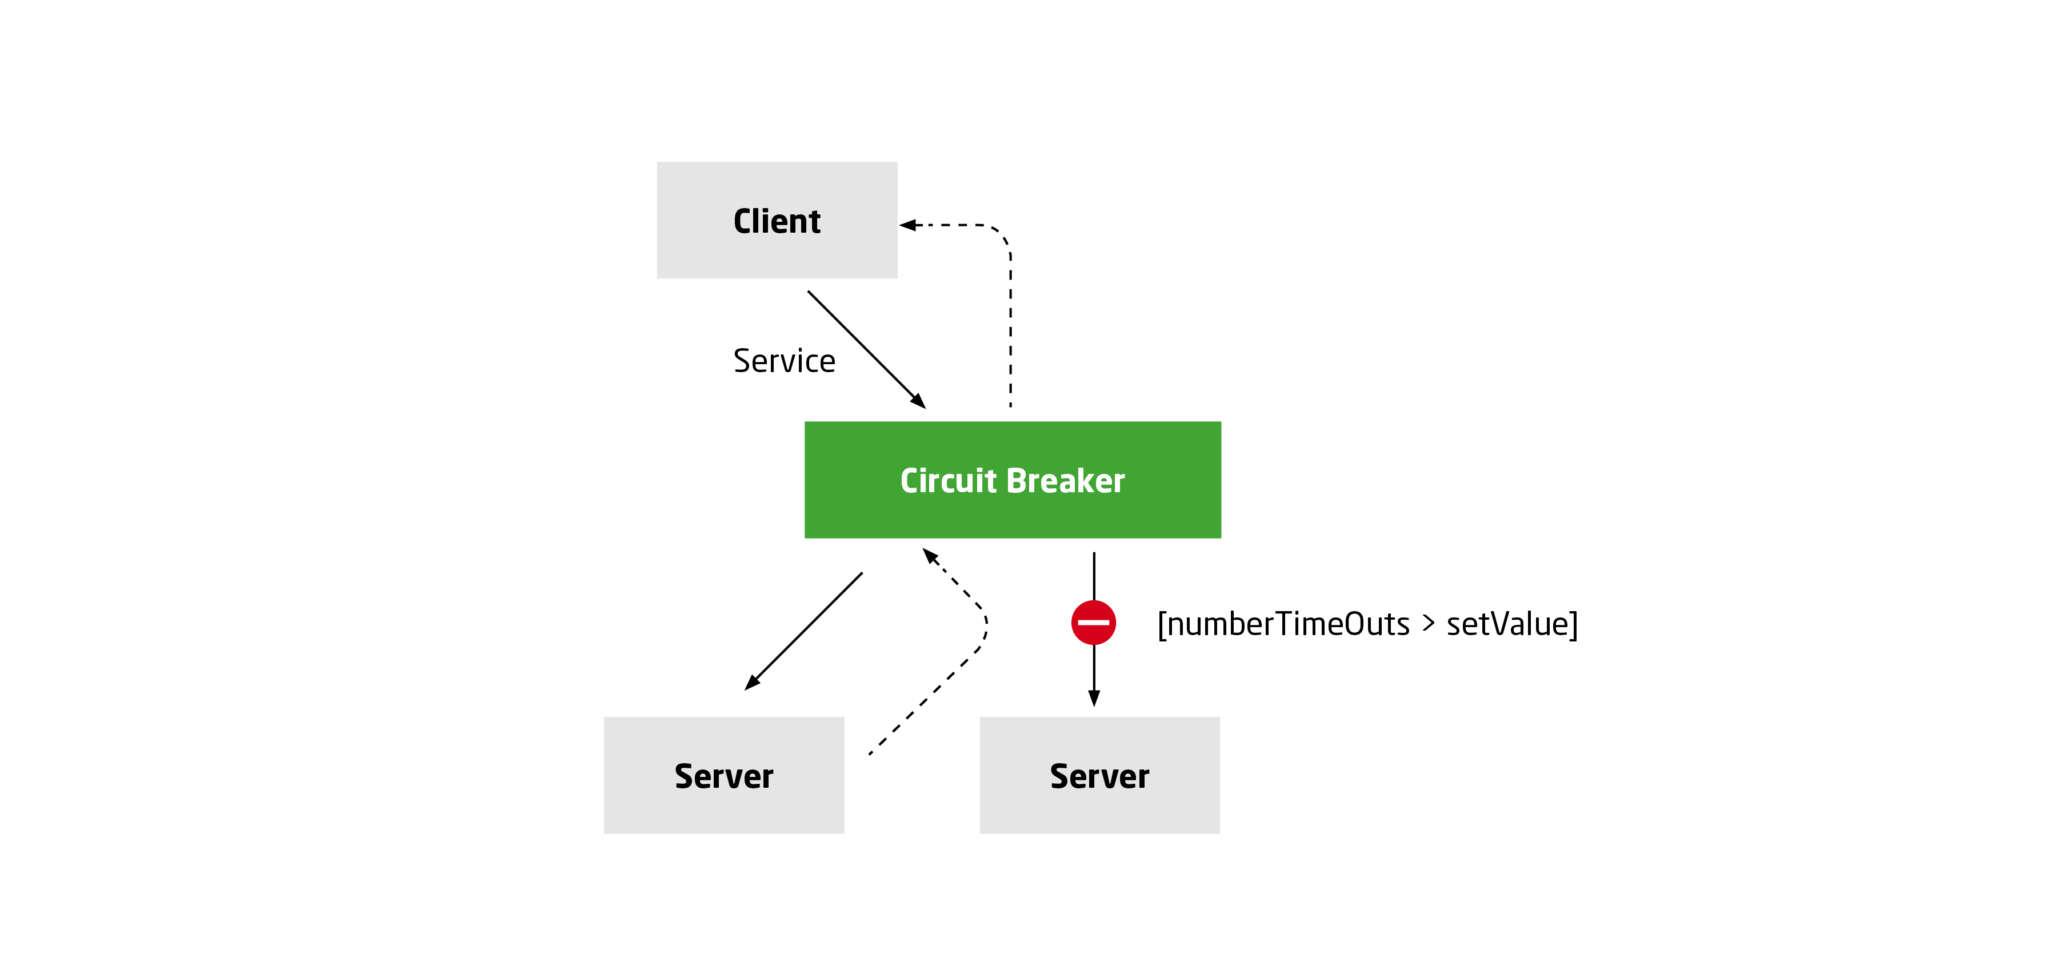 Szenario 2: Circuit Breaker leitet die Client-Anfragen weiter (Sicherung ausgelöst)